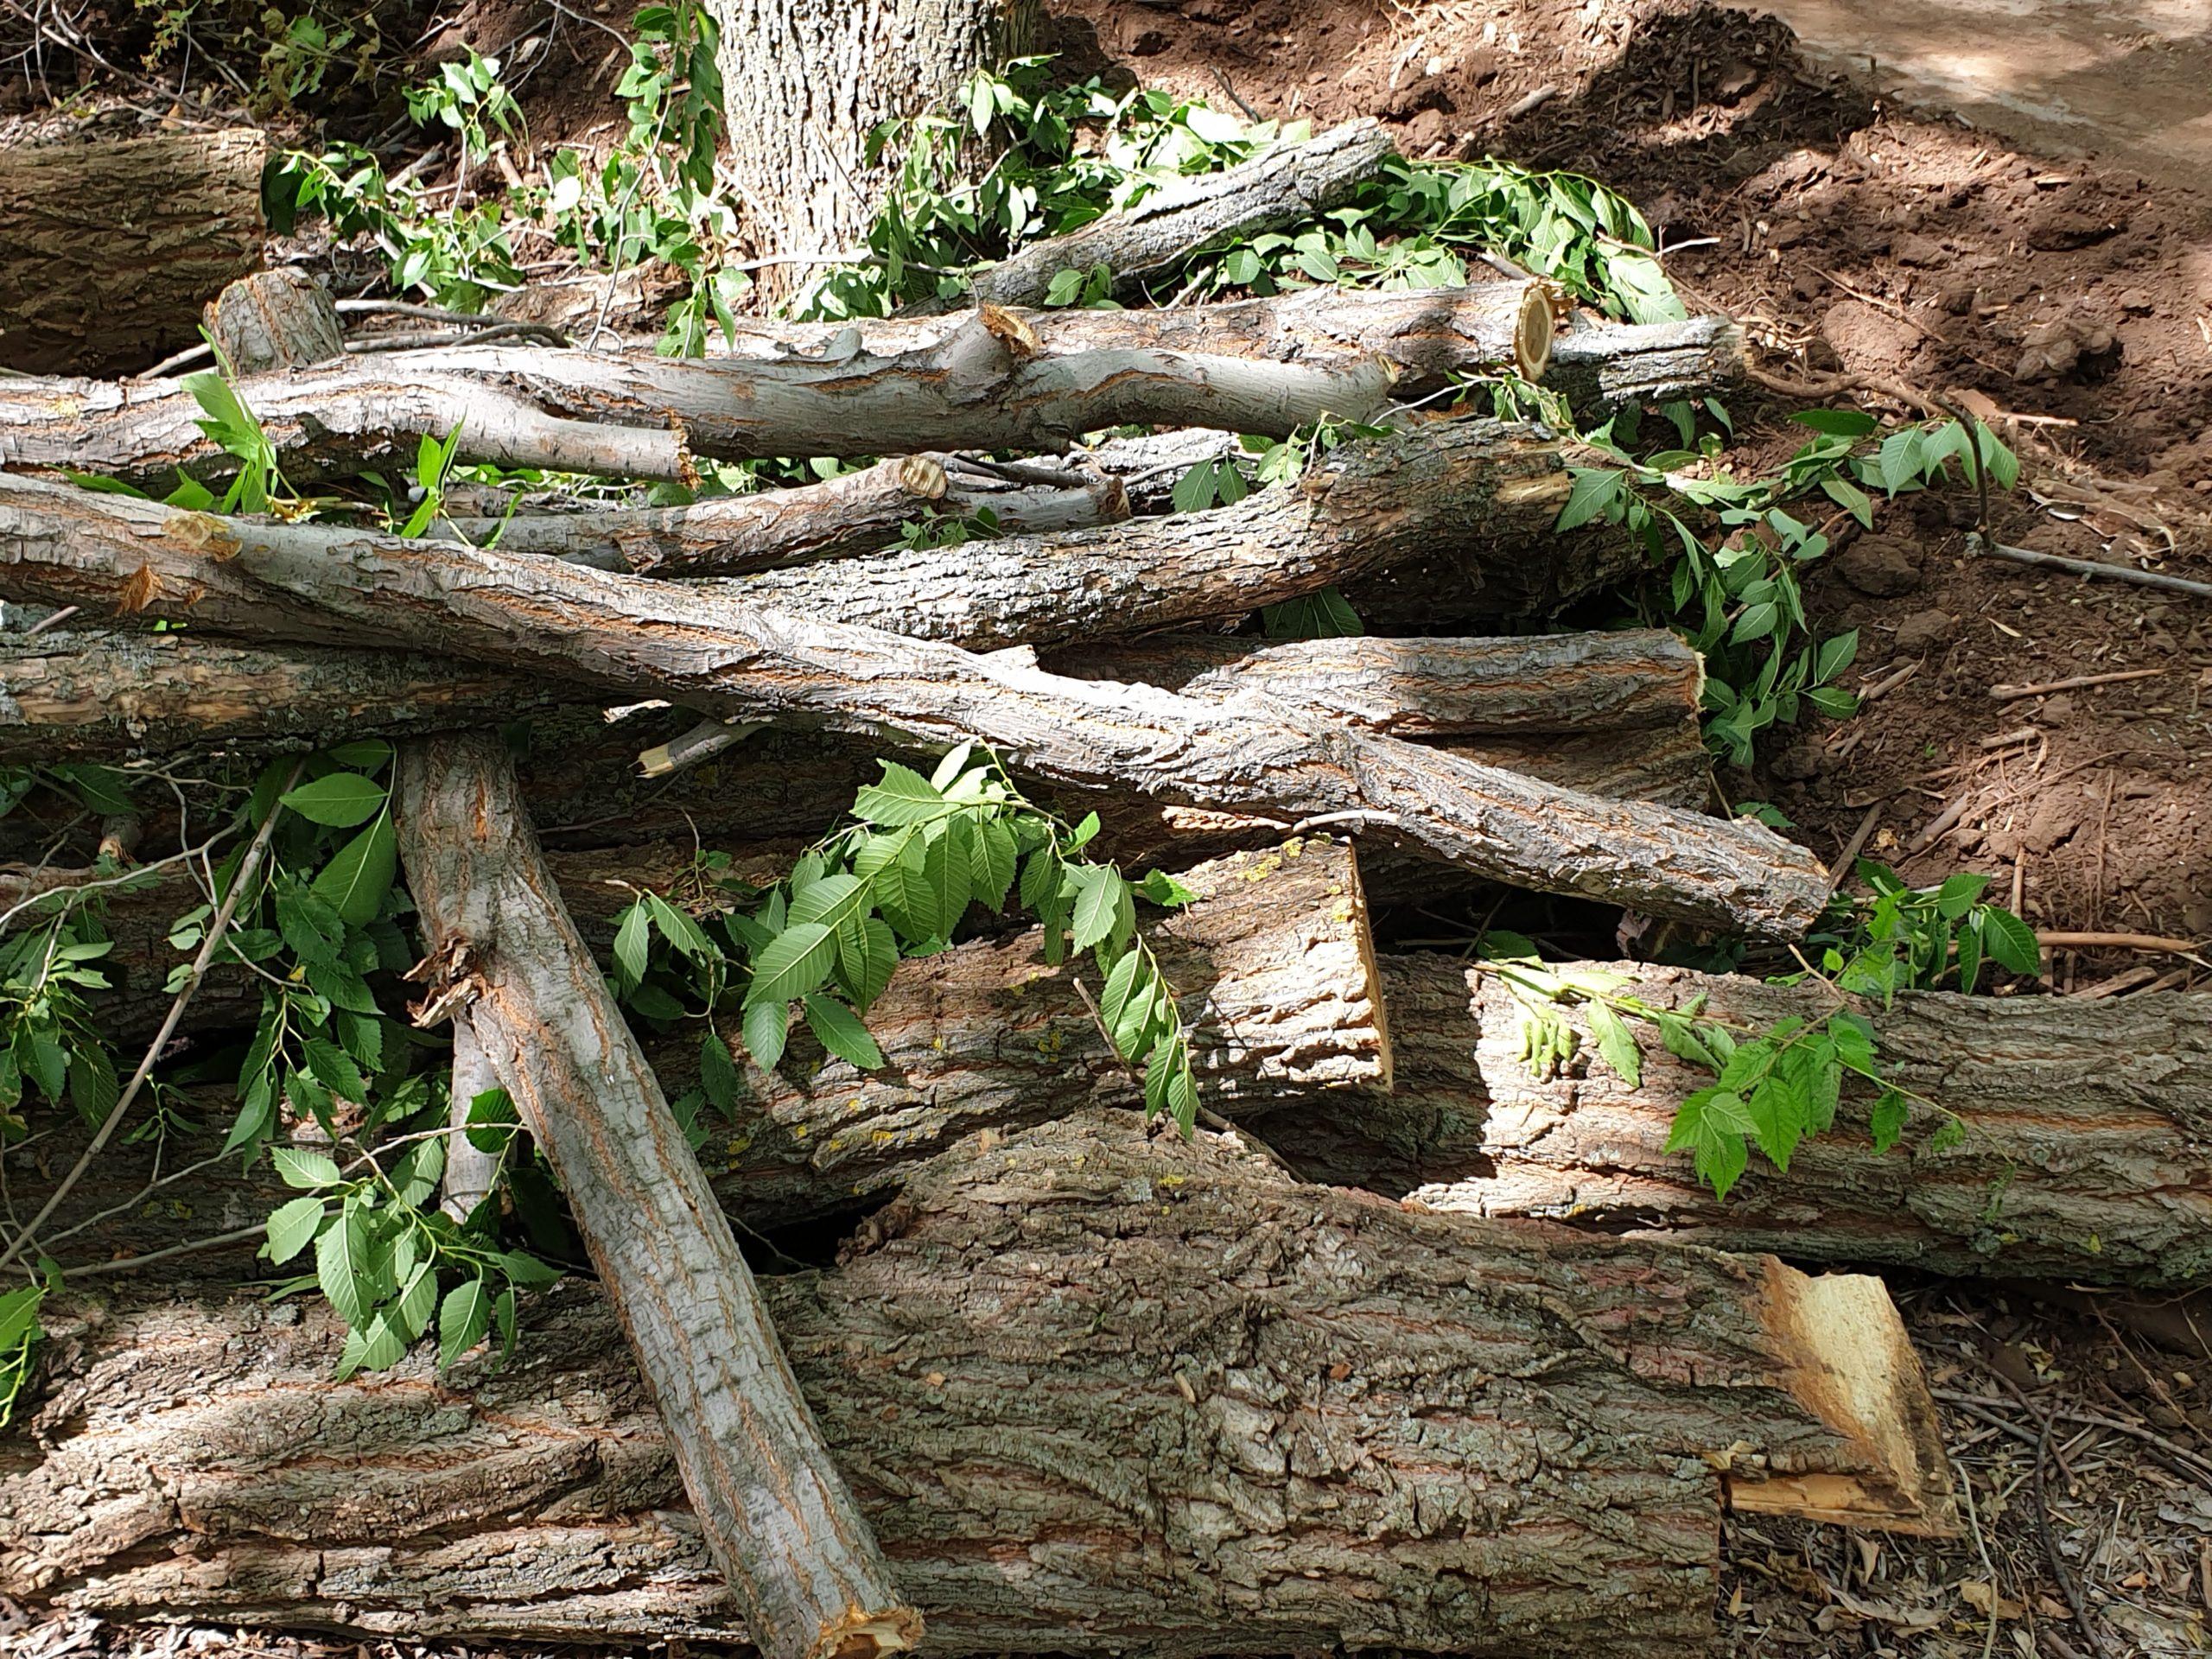 Комфортная среда – это когда вырубают лес. Согласны, губернатор Паслер?